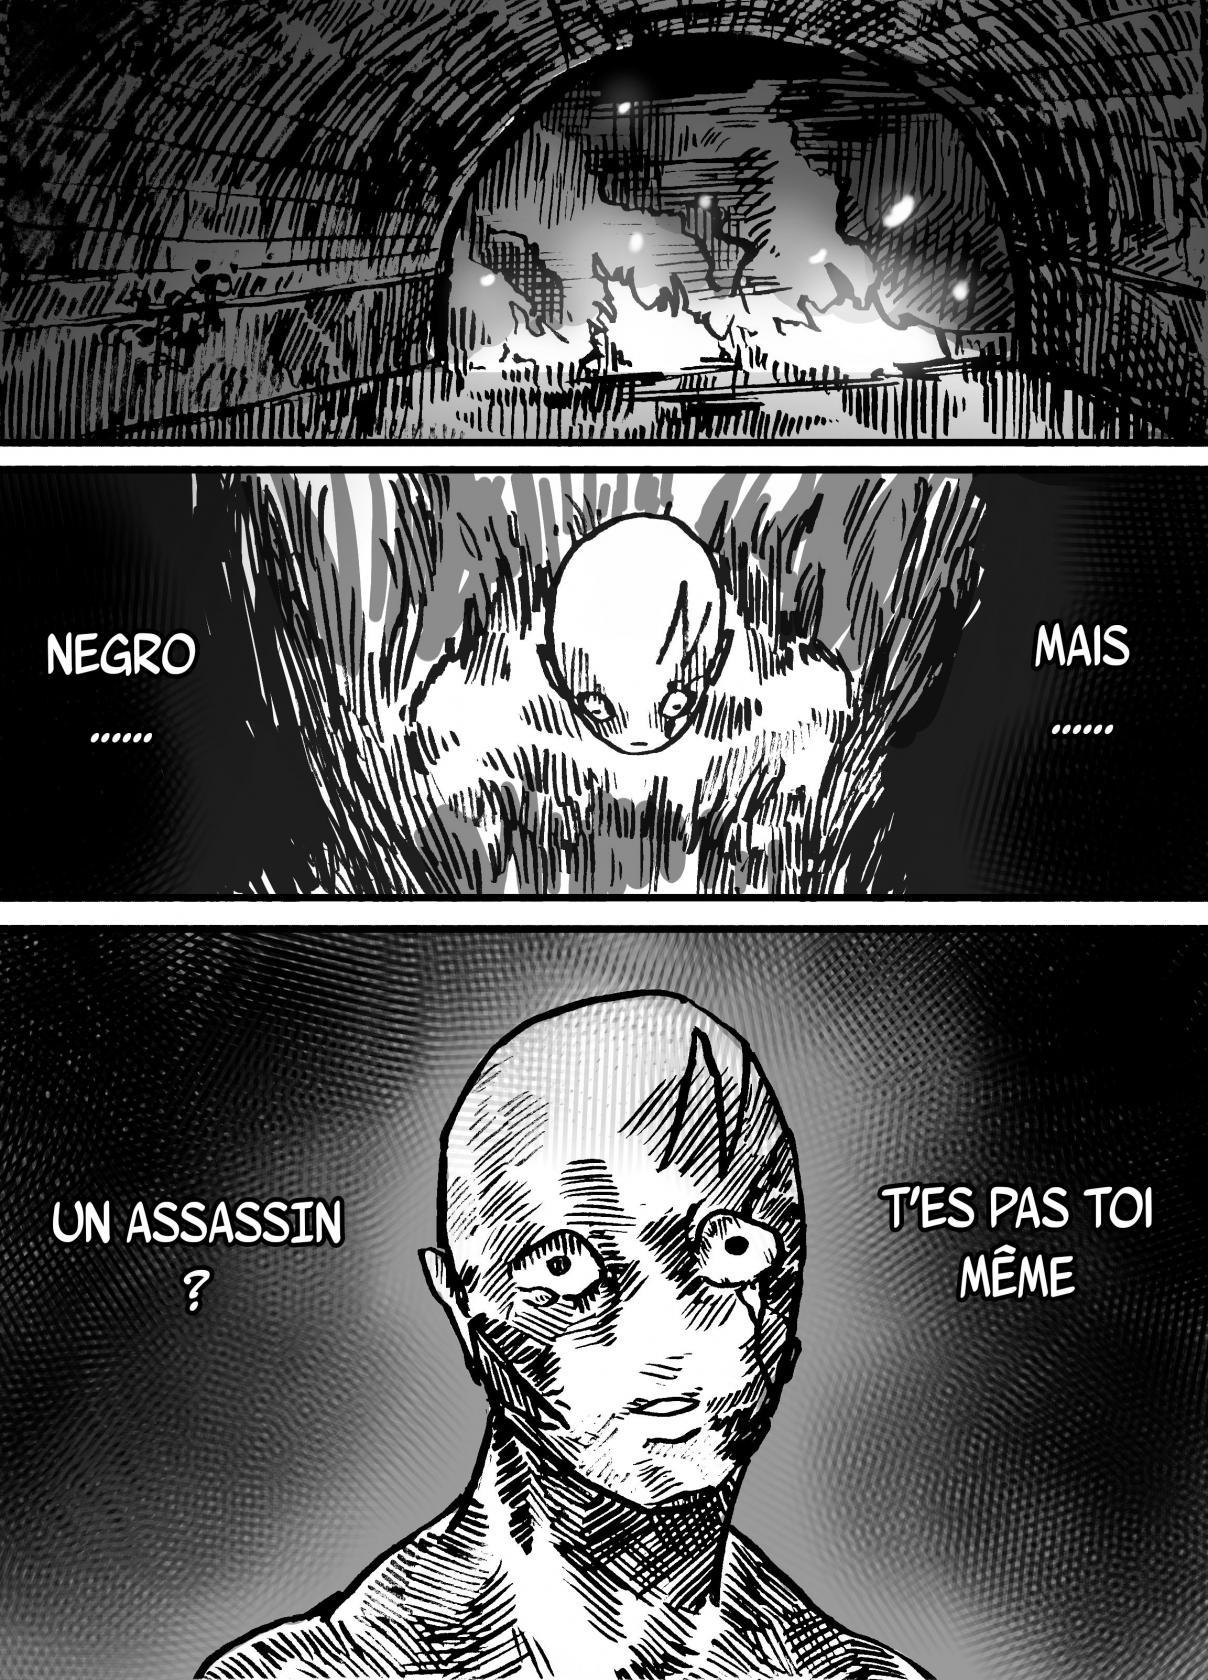 https://nine.mangadogs.com/fr_manga/pic2/57/11385/558870/f49a2479665b3bd13ec08d5d1a8bbe4c.jpg Page 3